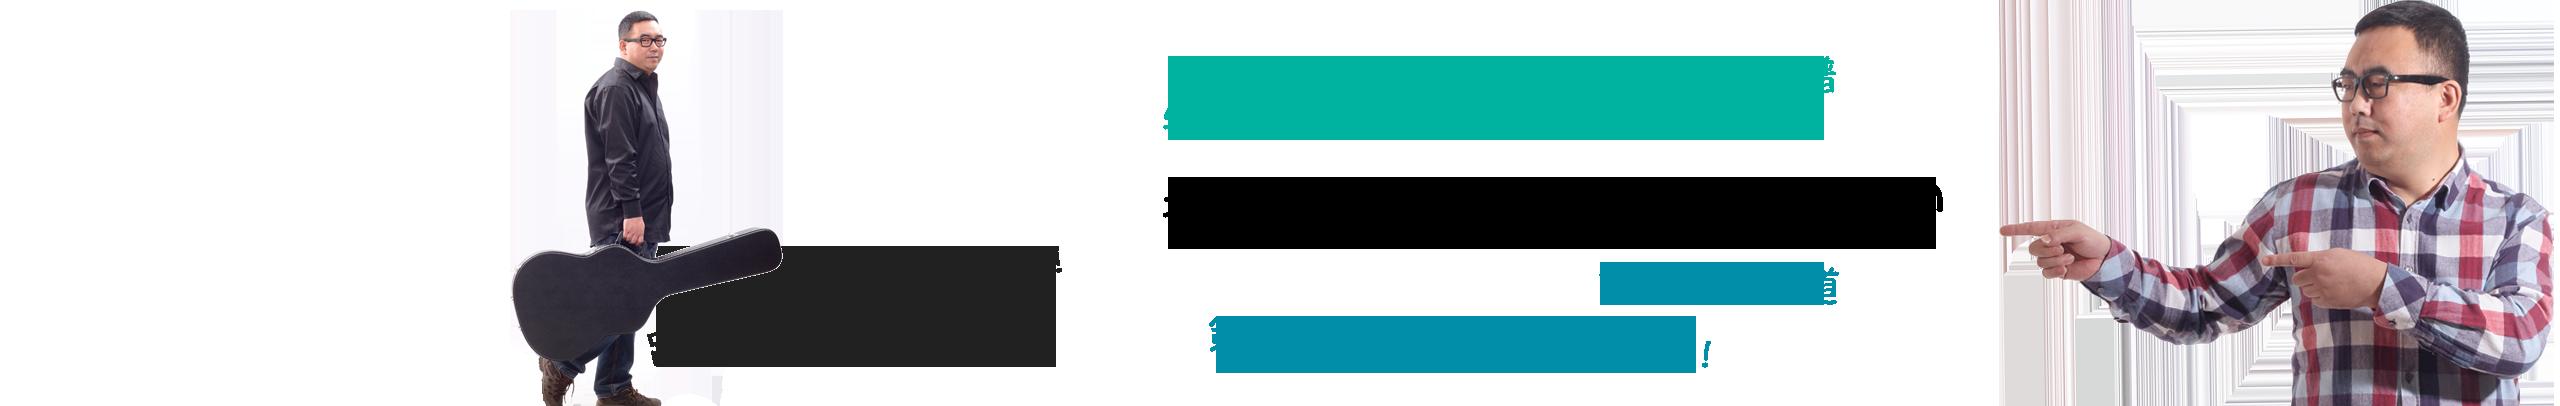 大伟吉他教学 banner